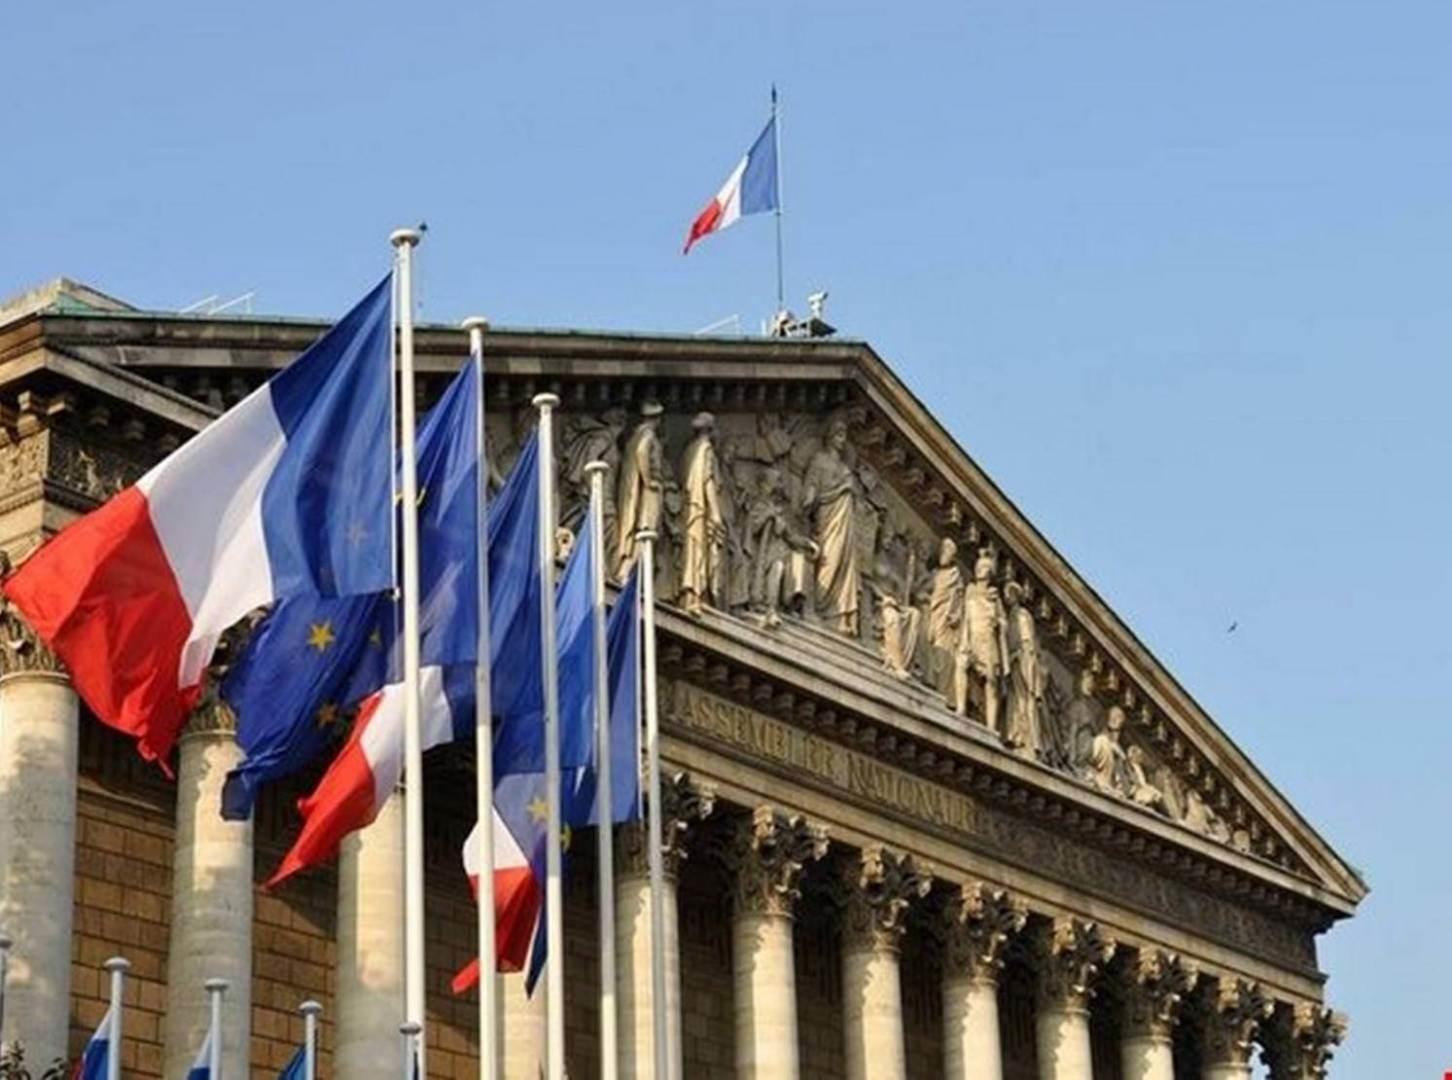 الخارجية الفرنسية:باريس تقف إلى جانب اللبنانيين كما كانت دائماً